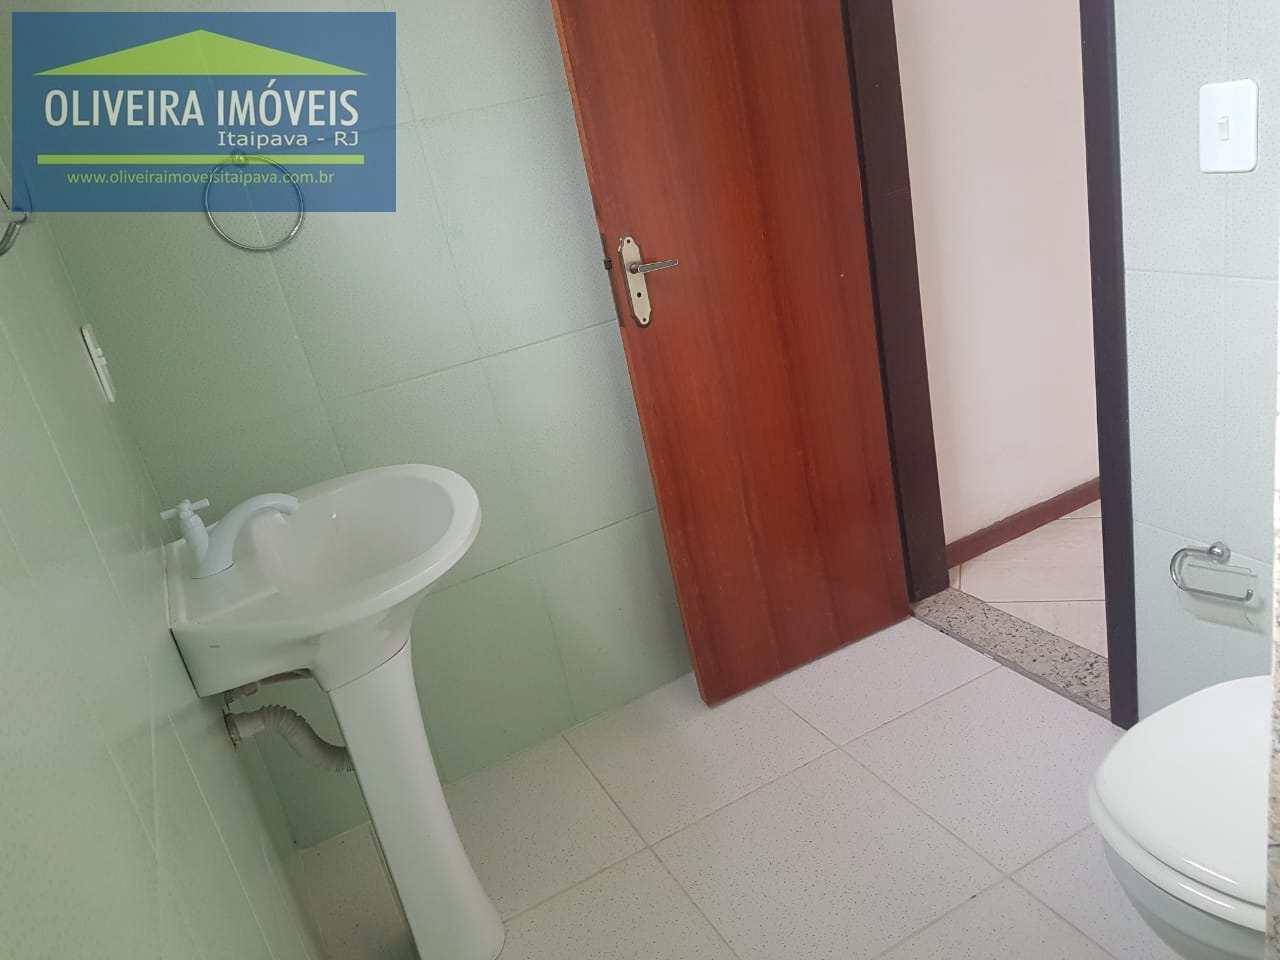 Casa com 2 dorms, Nogueira, Petrópolis, Cod: 73